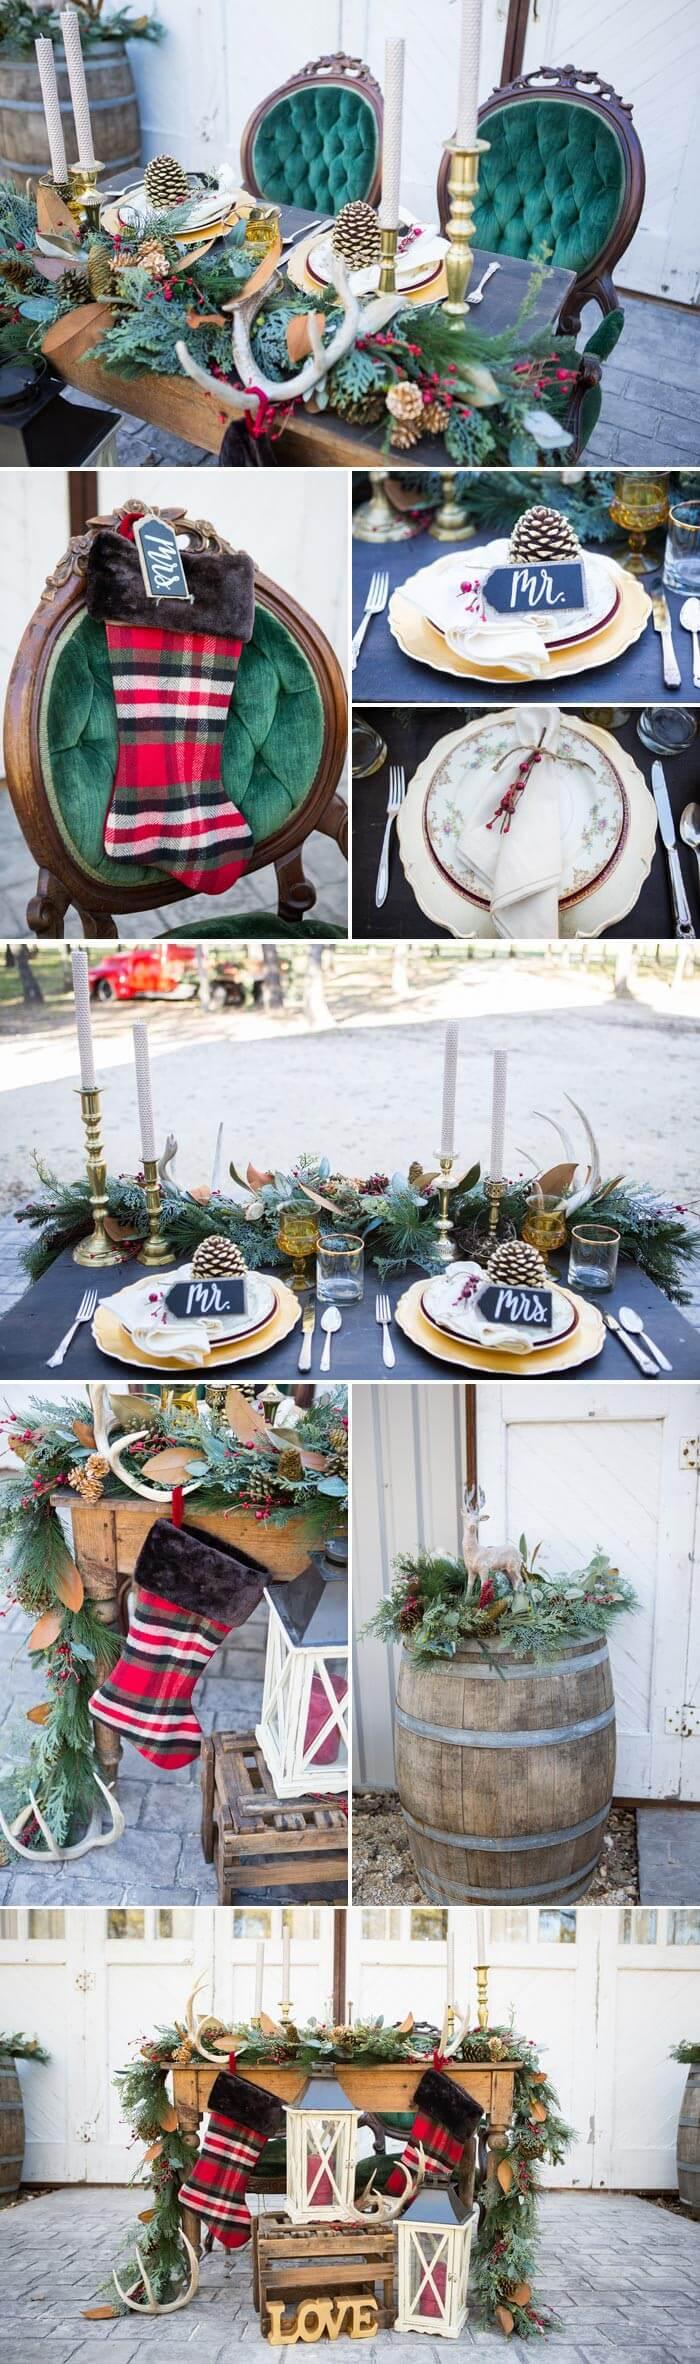 Hochzeit an Weihnachten - Tolle Dekomöglichkeiten inklusive